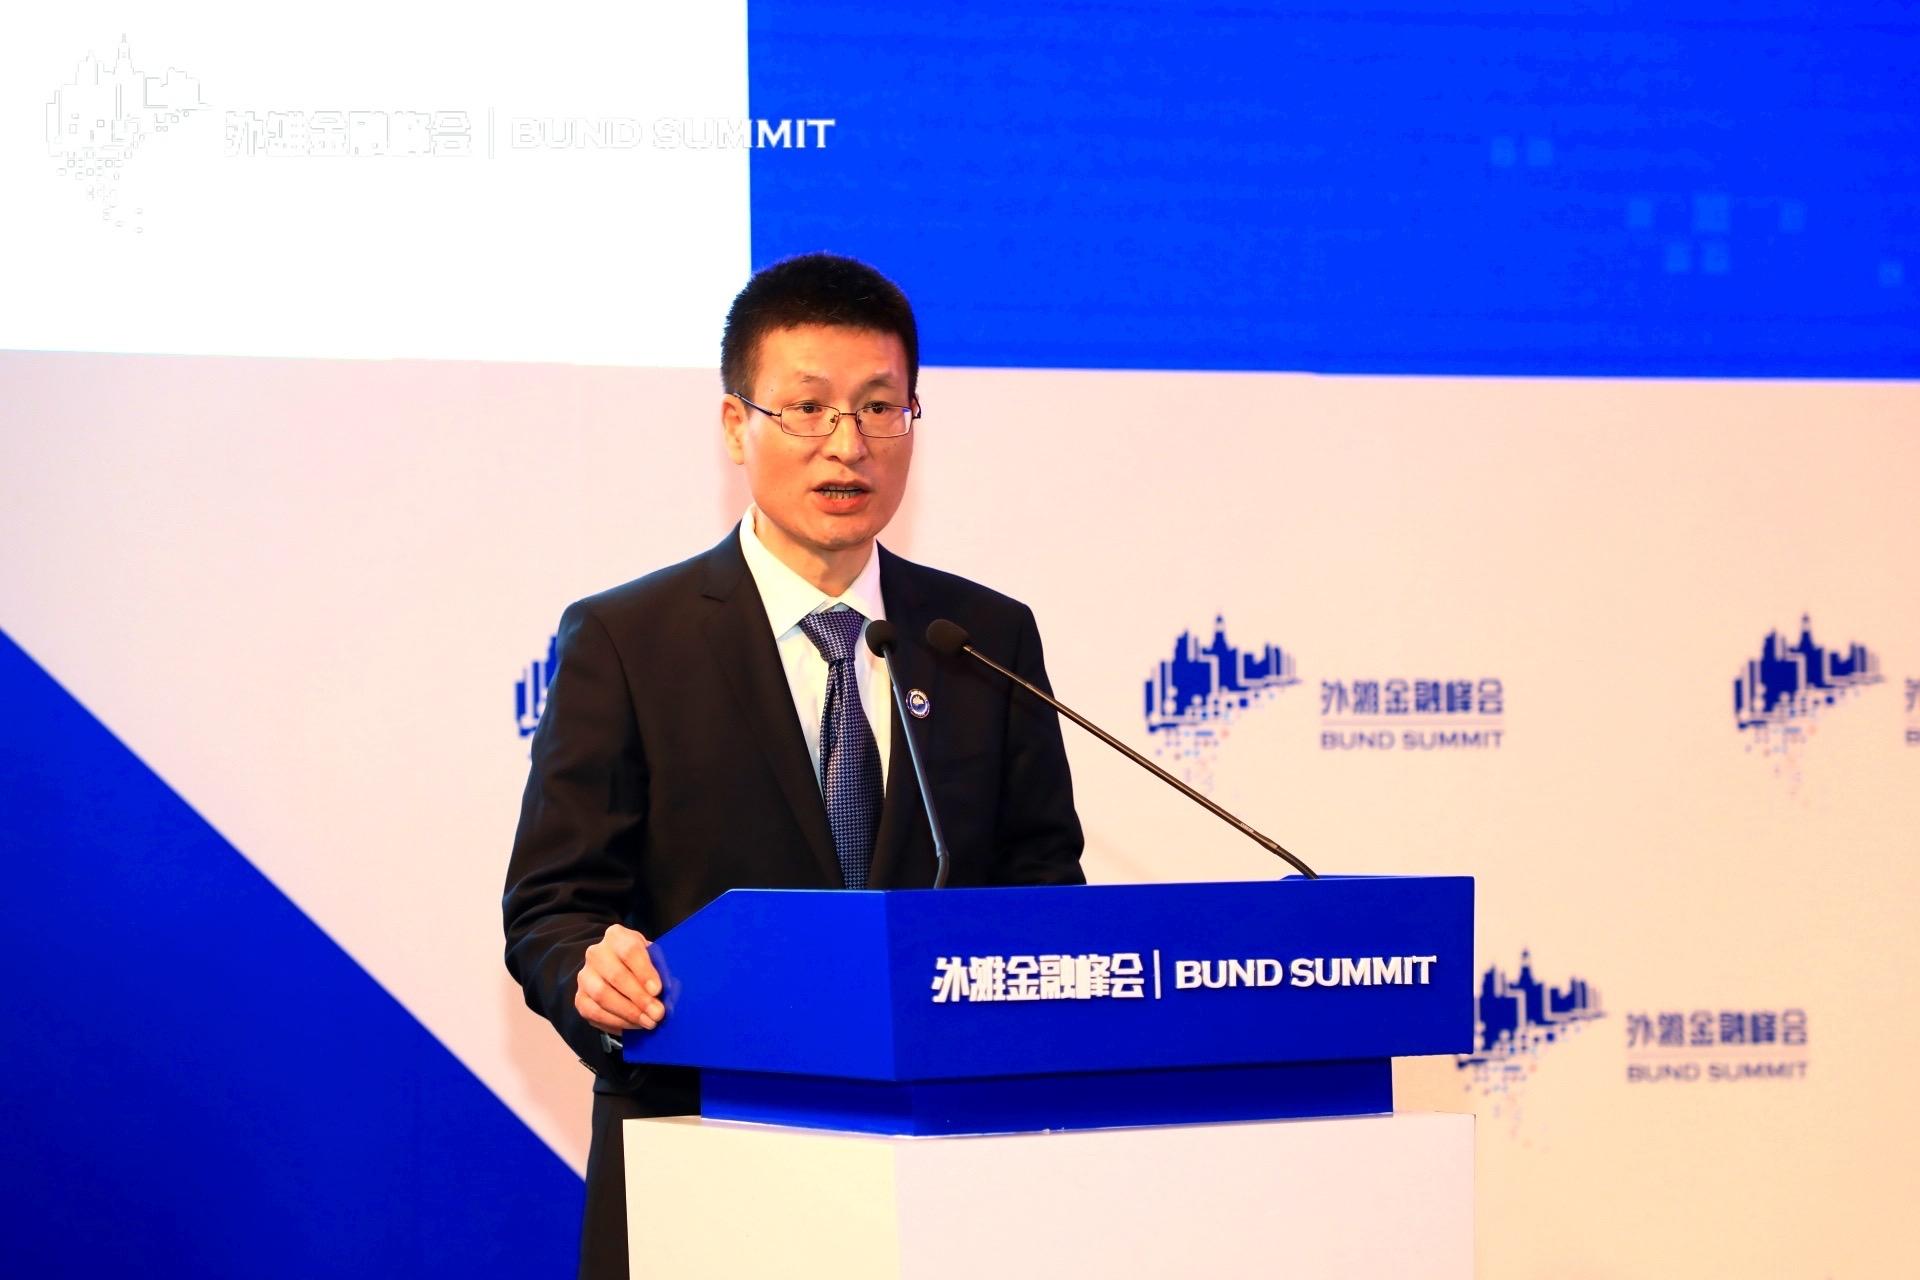 陆磊:外汇局正推进区块链在跨境贸易融资等场景应用